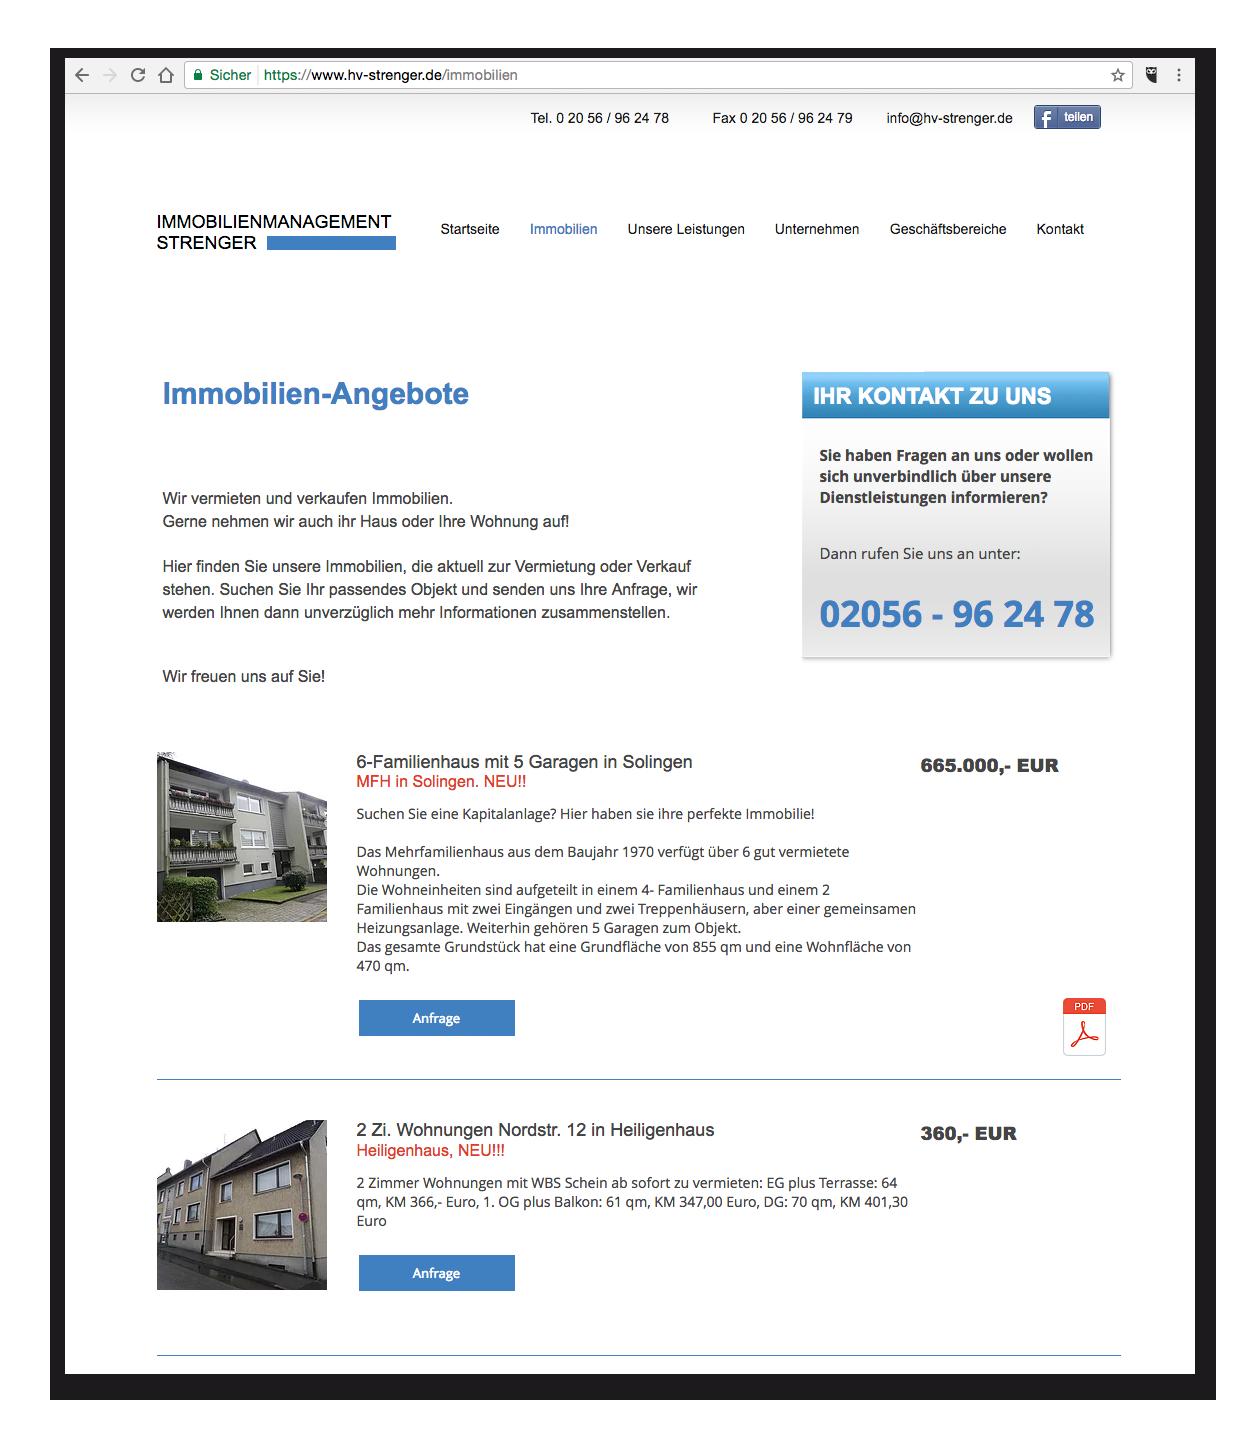 HV-Strenger - Immobilien